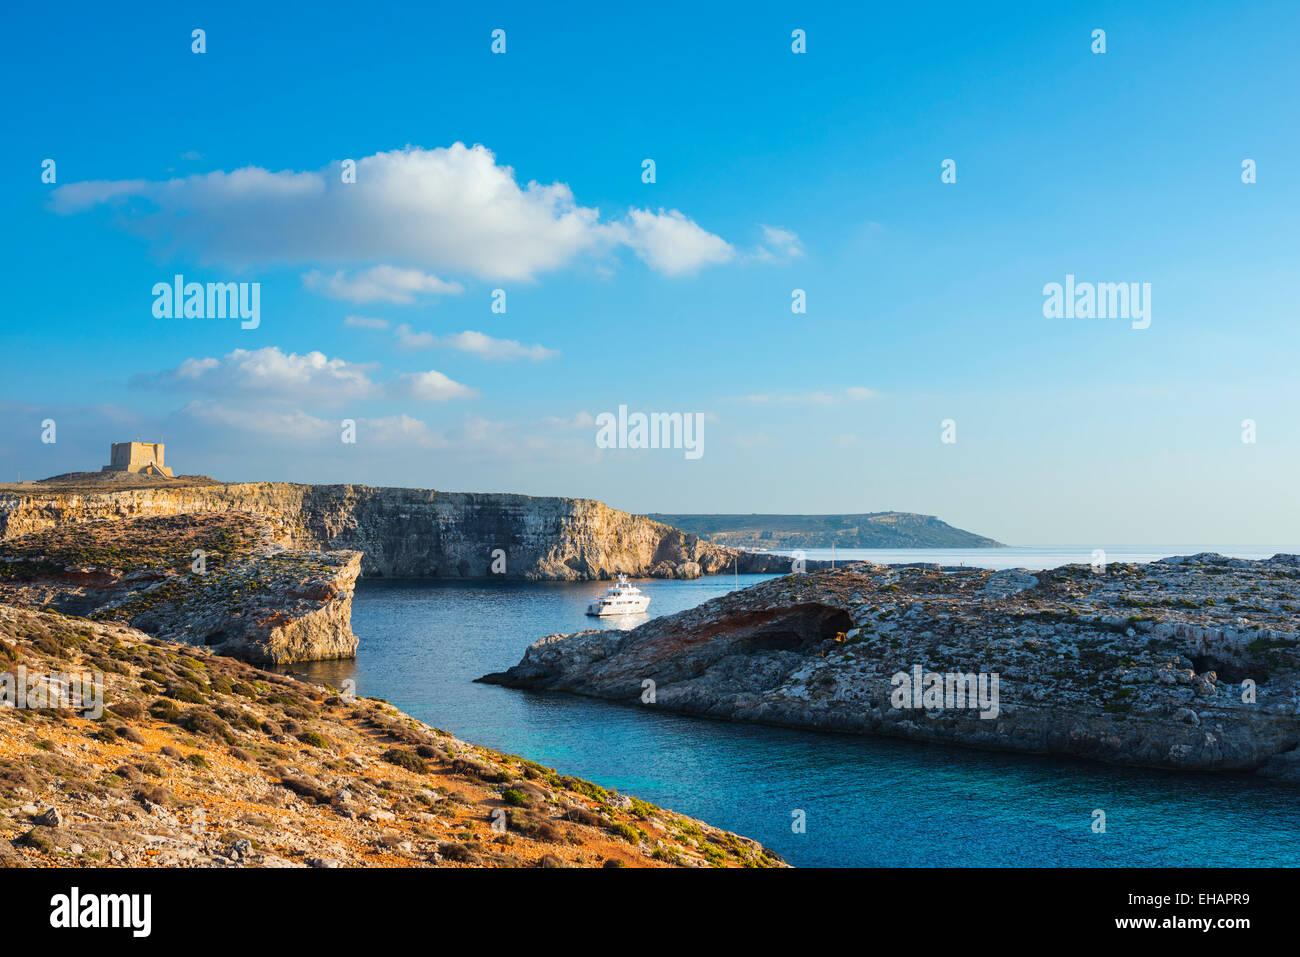 L'Europe méditerranéenne, Malte, l'île de Comino, falaise de guet Photo Stock